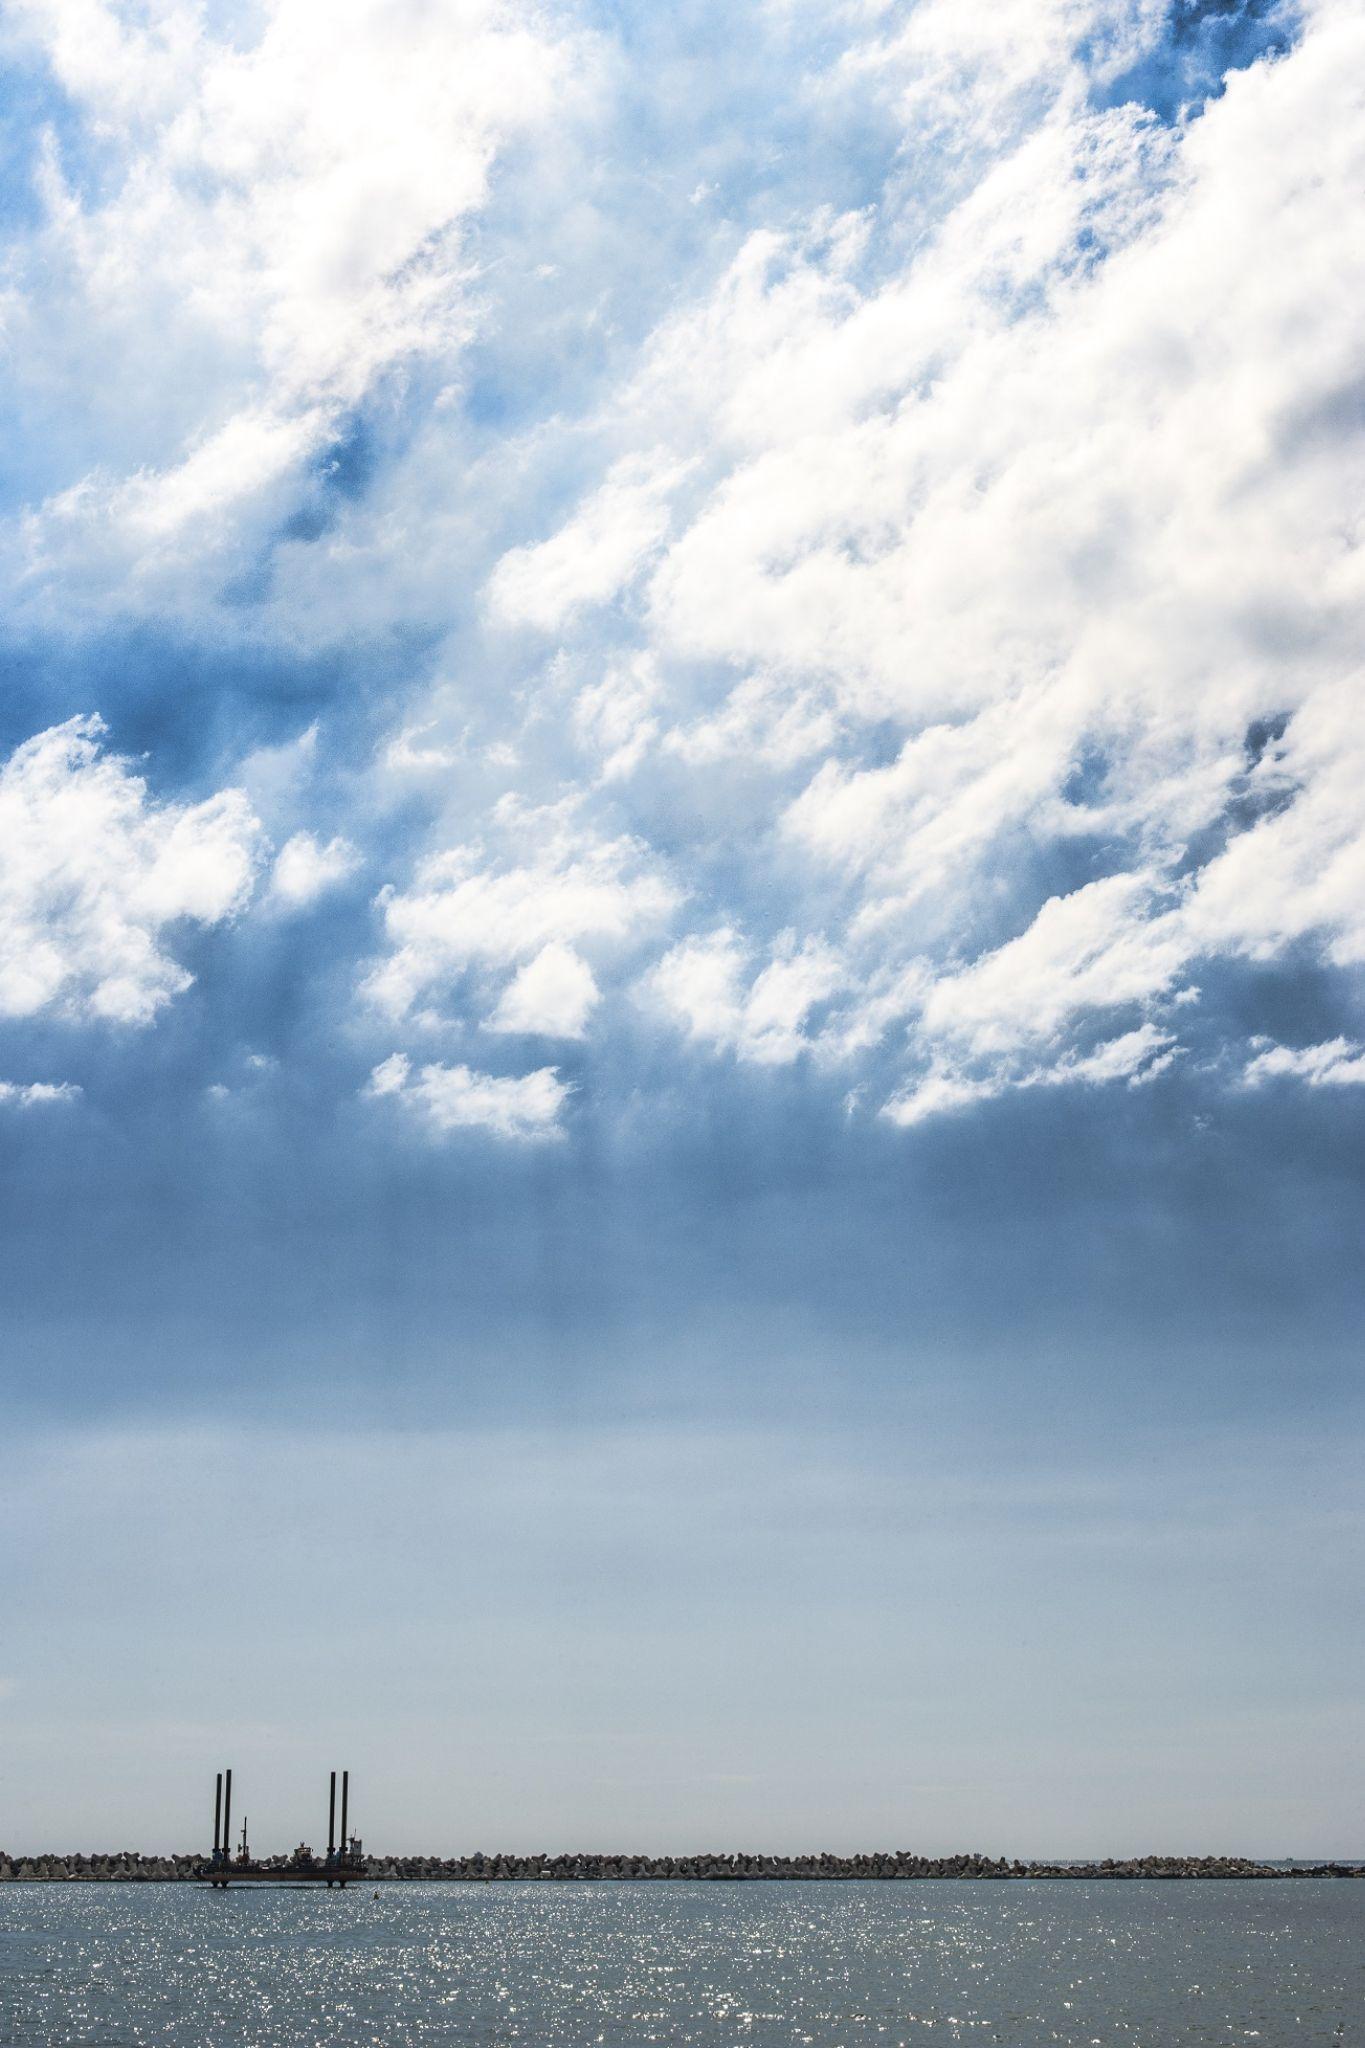 Sky by Egidio Distante